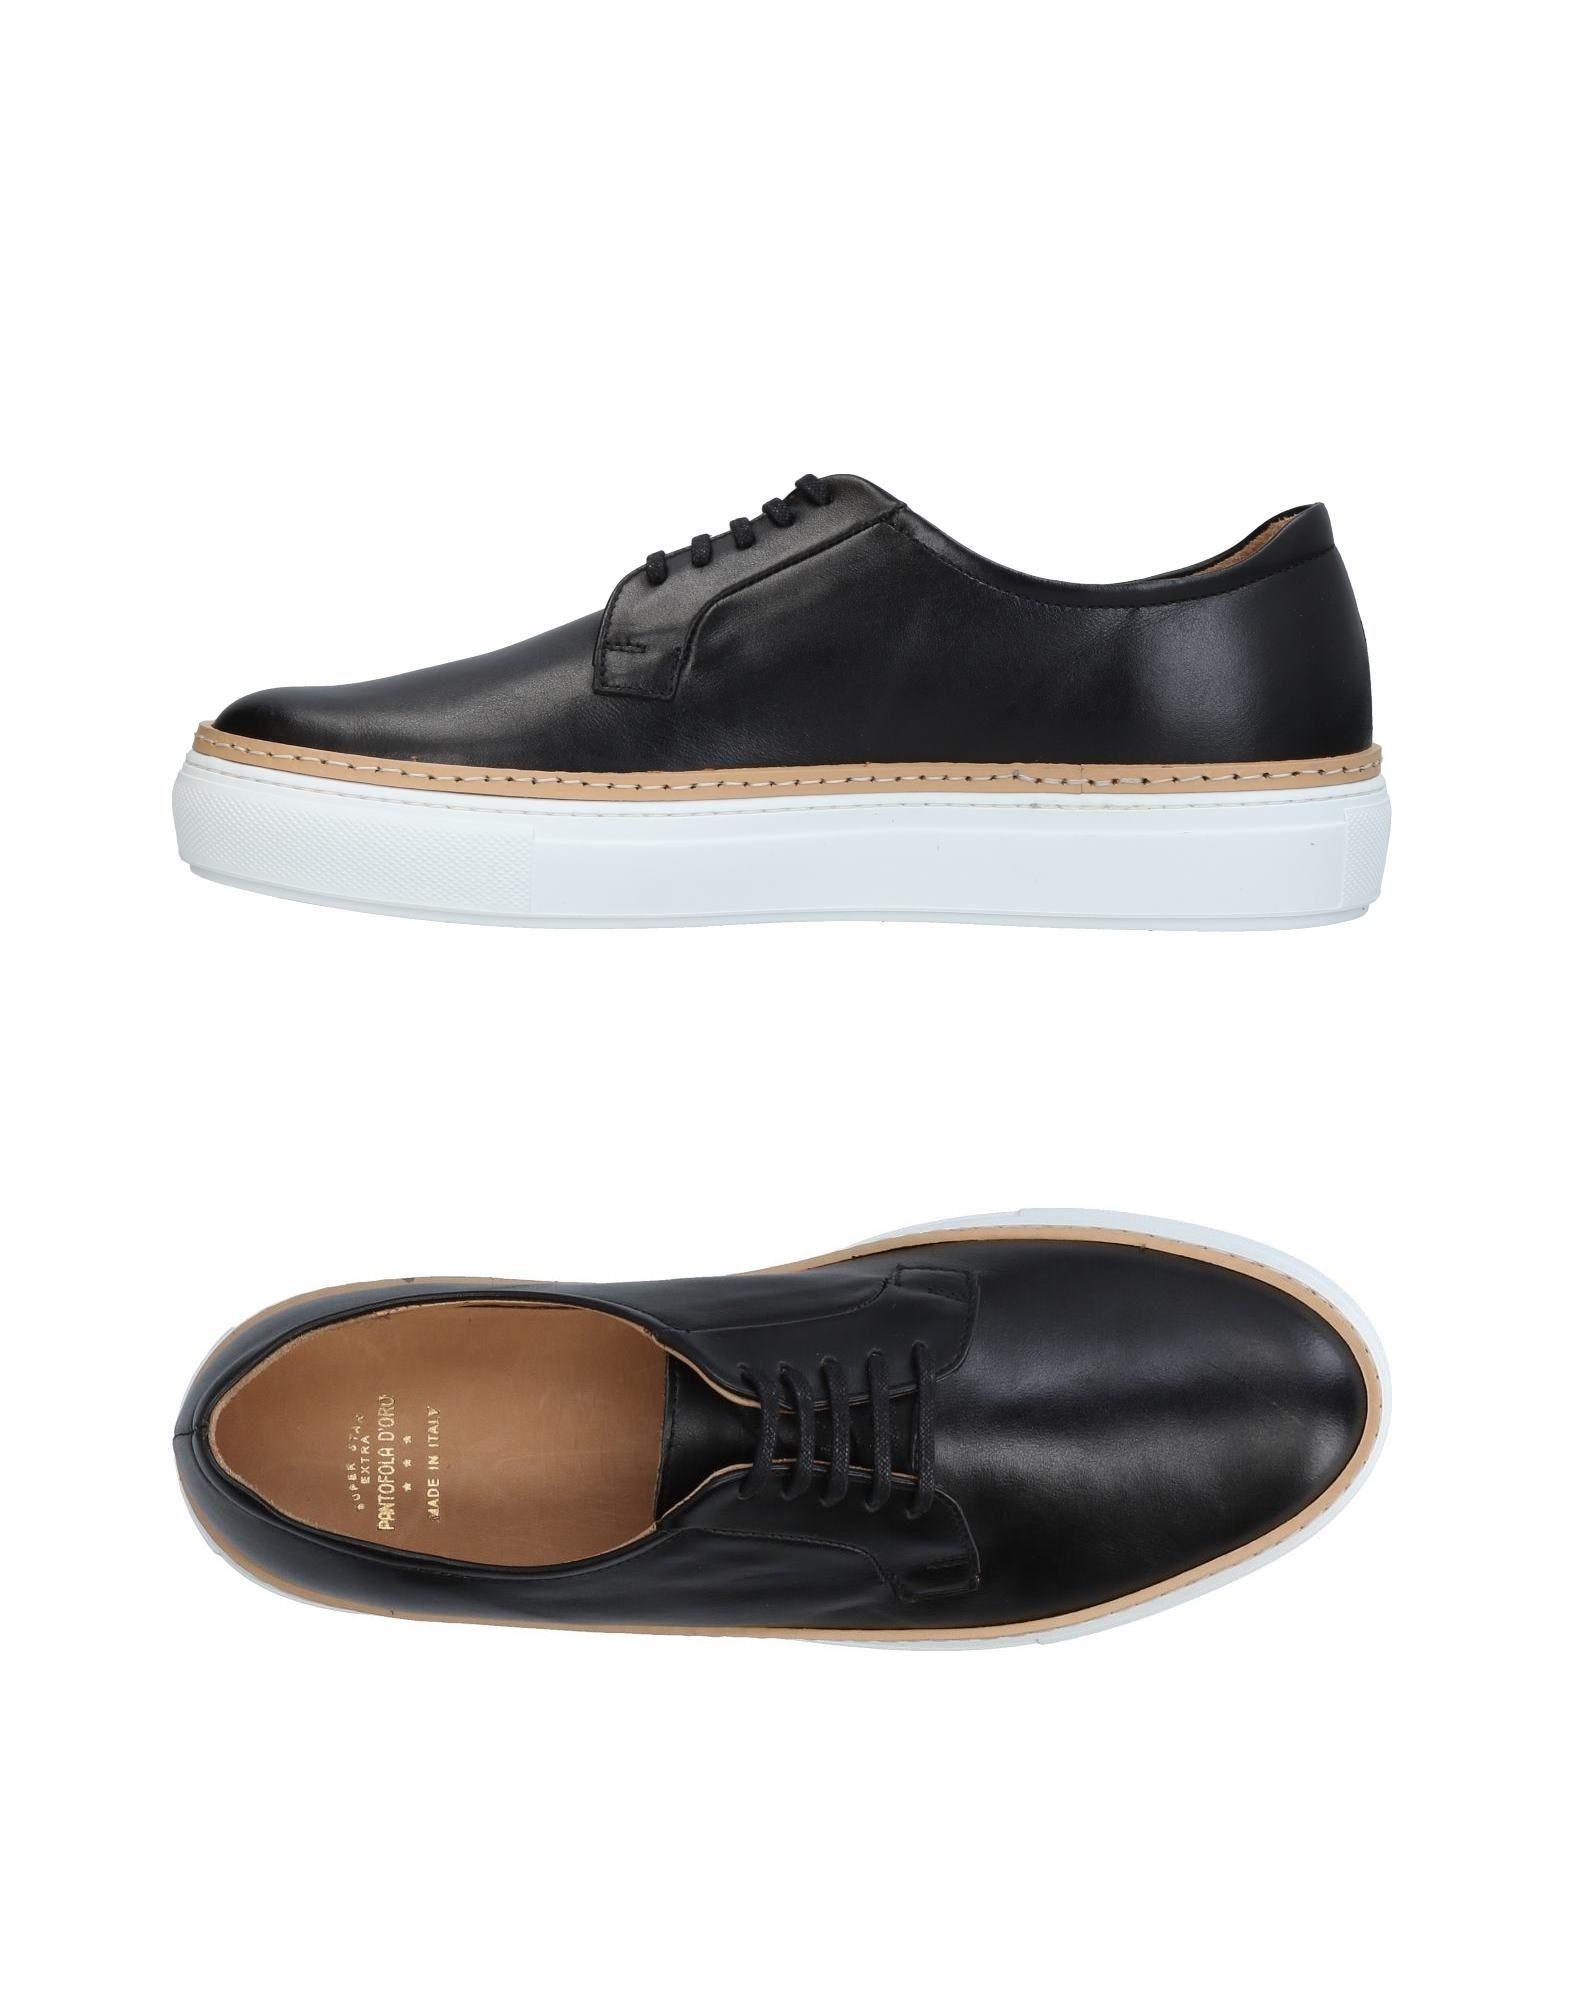 Stringate Pantofola D'oro Uomo - 11455685HL